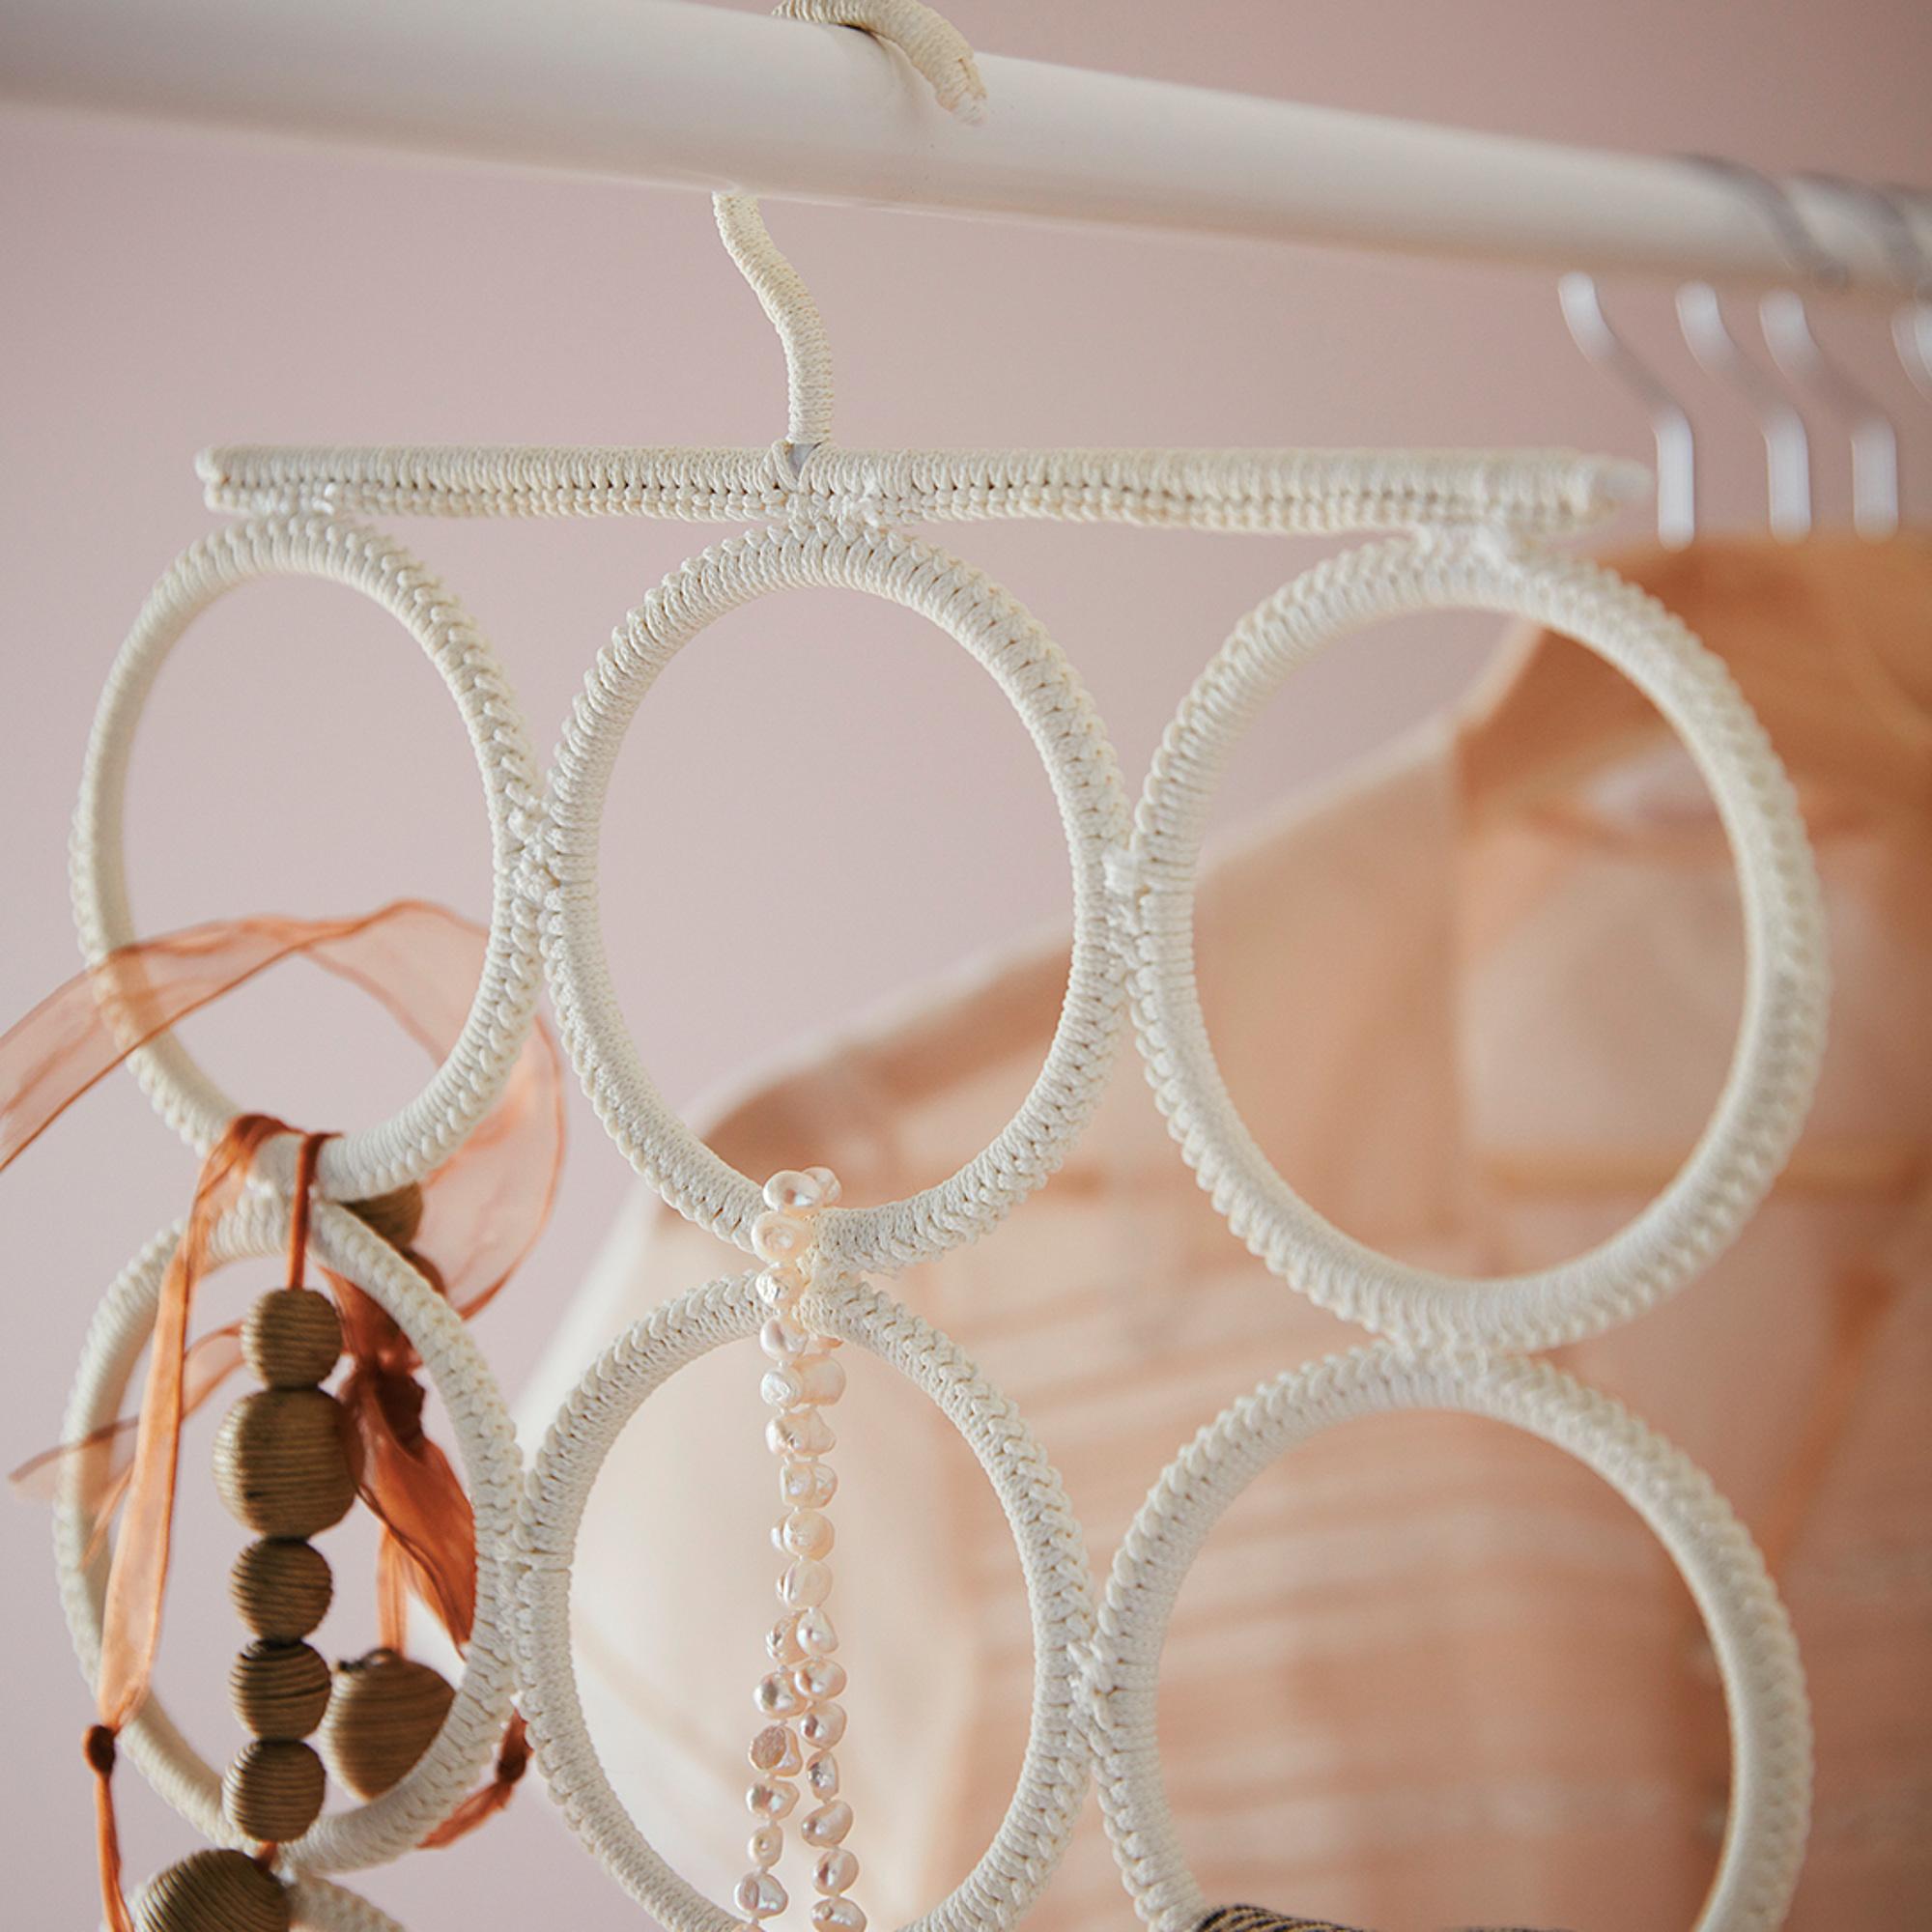 KOMPLEMENT multi-use hanger